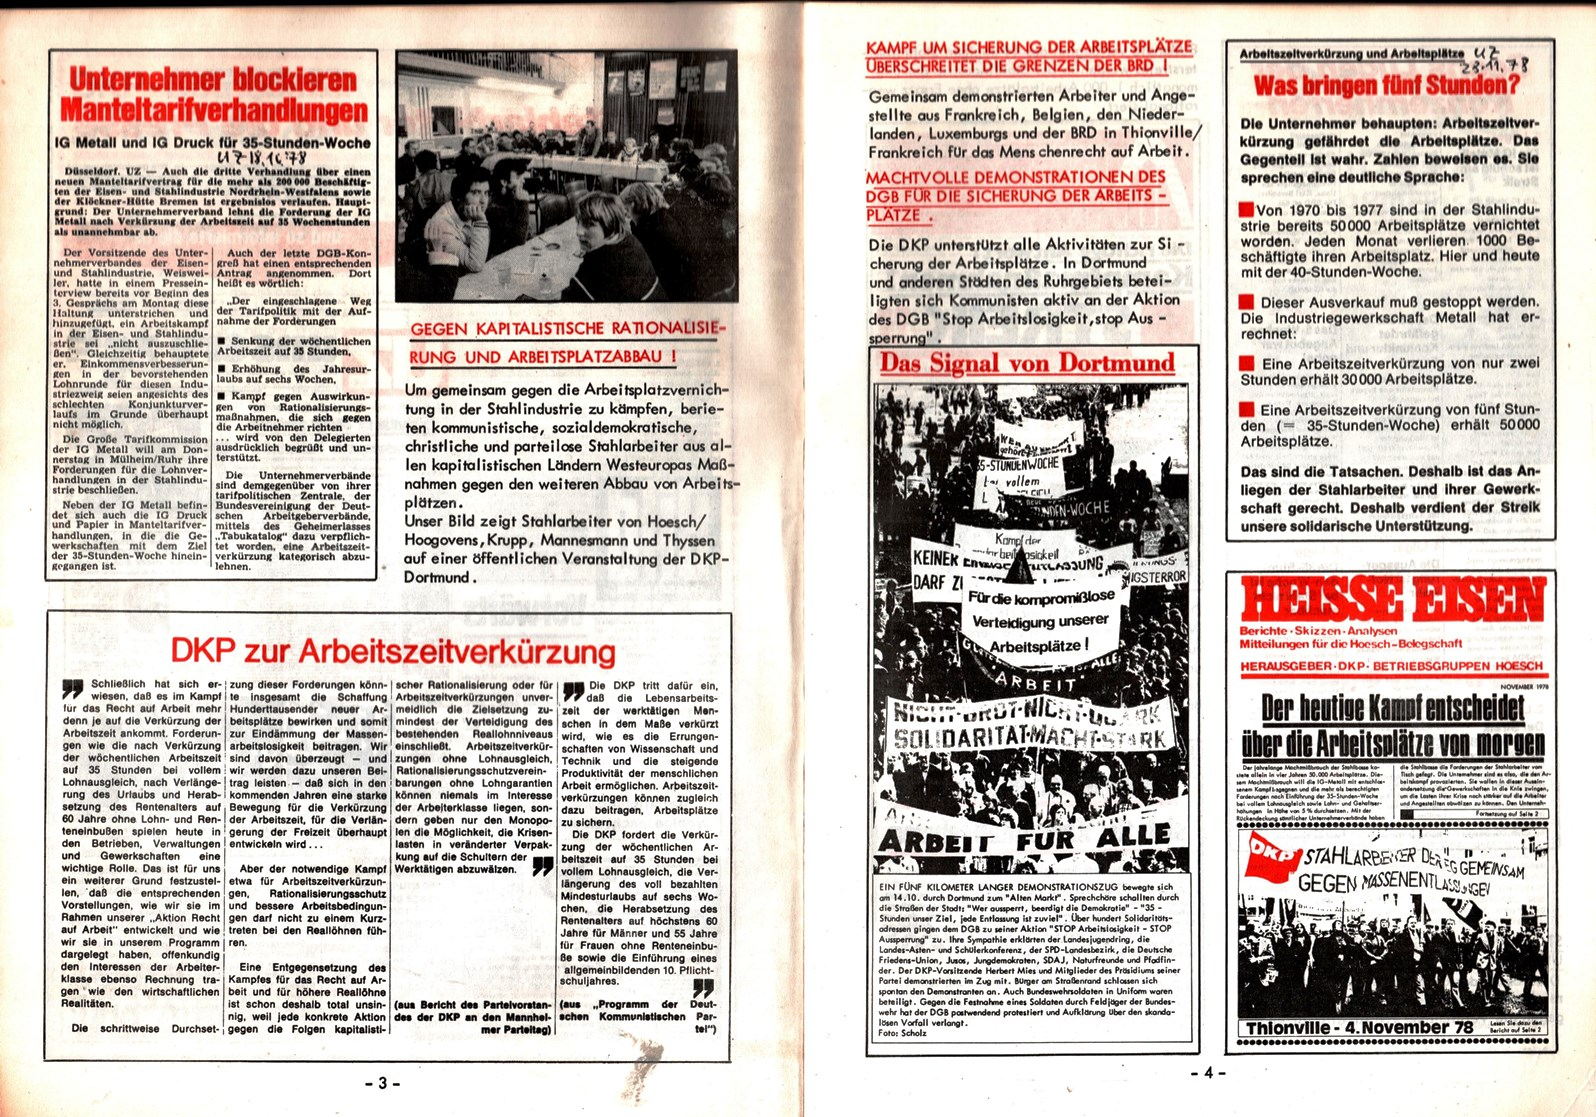 NRW_DKP_Stahlarbeiterstreik_1978_1979_003